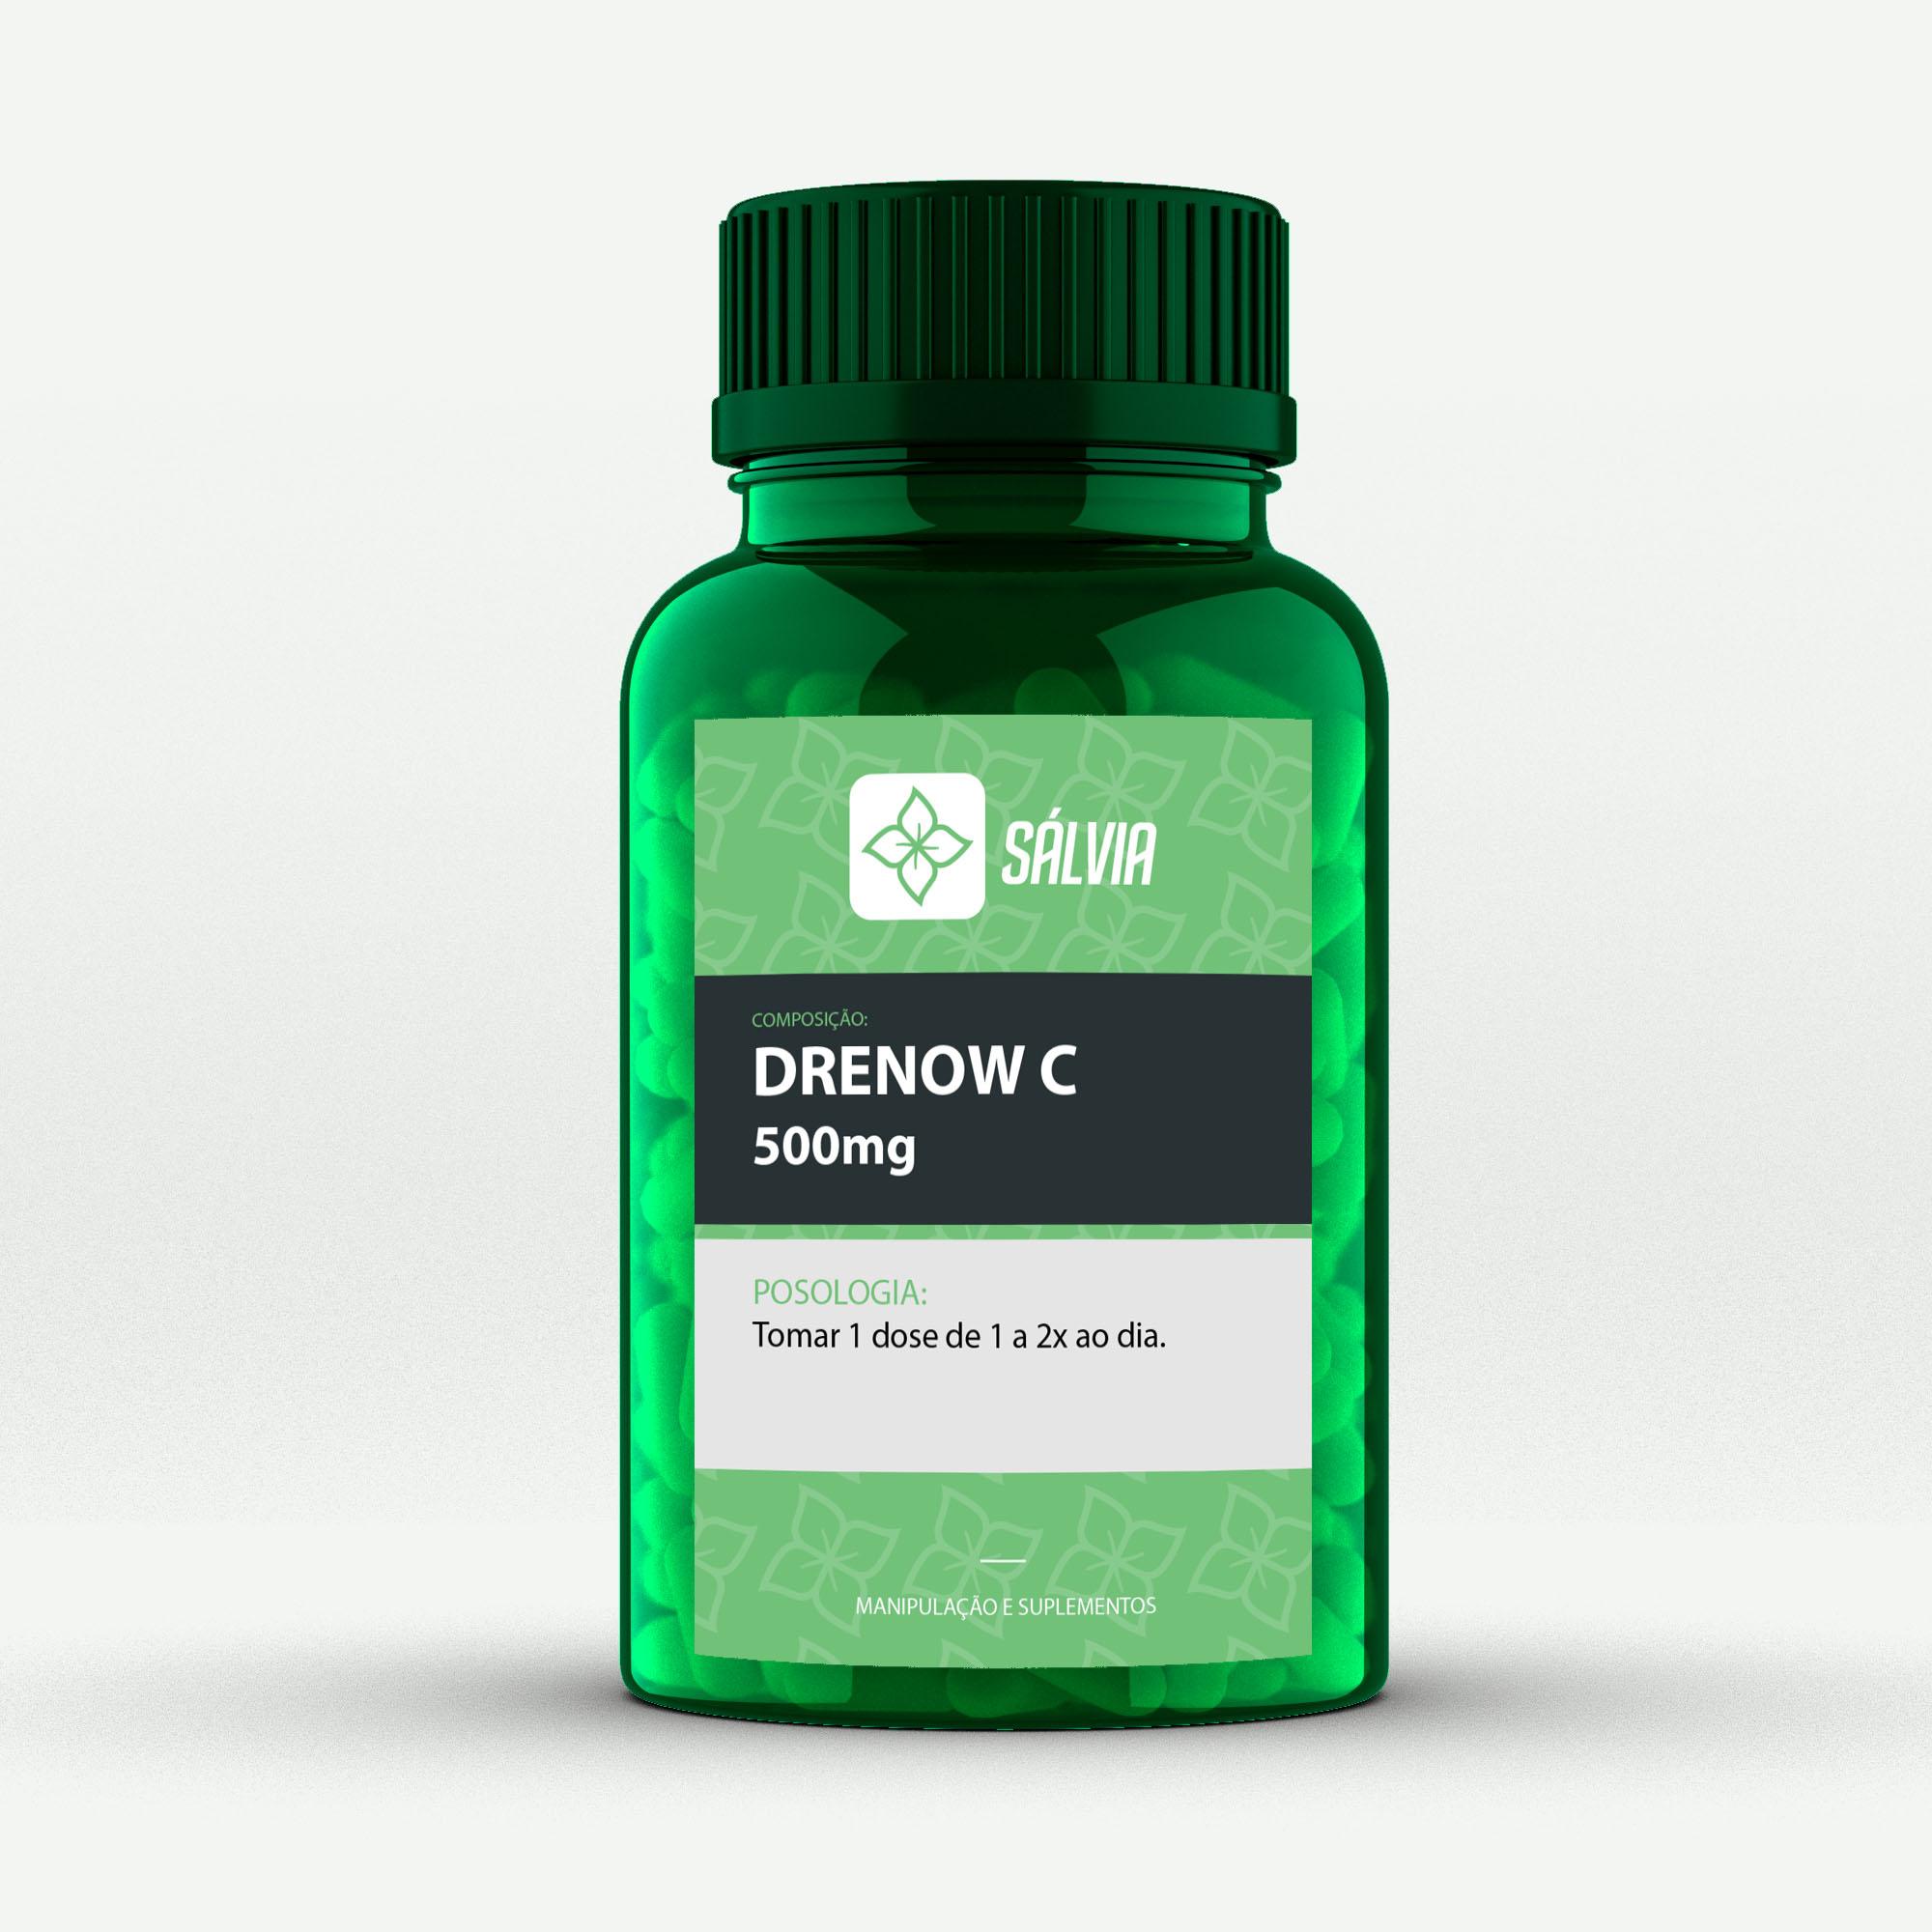 DRENOW C 500mg - Cápsulas